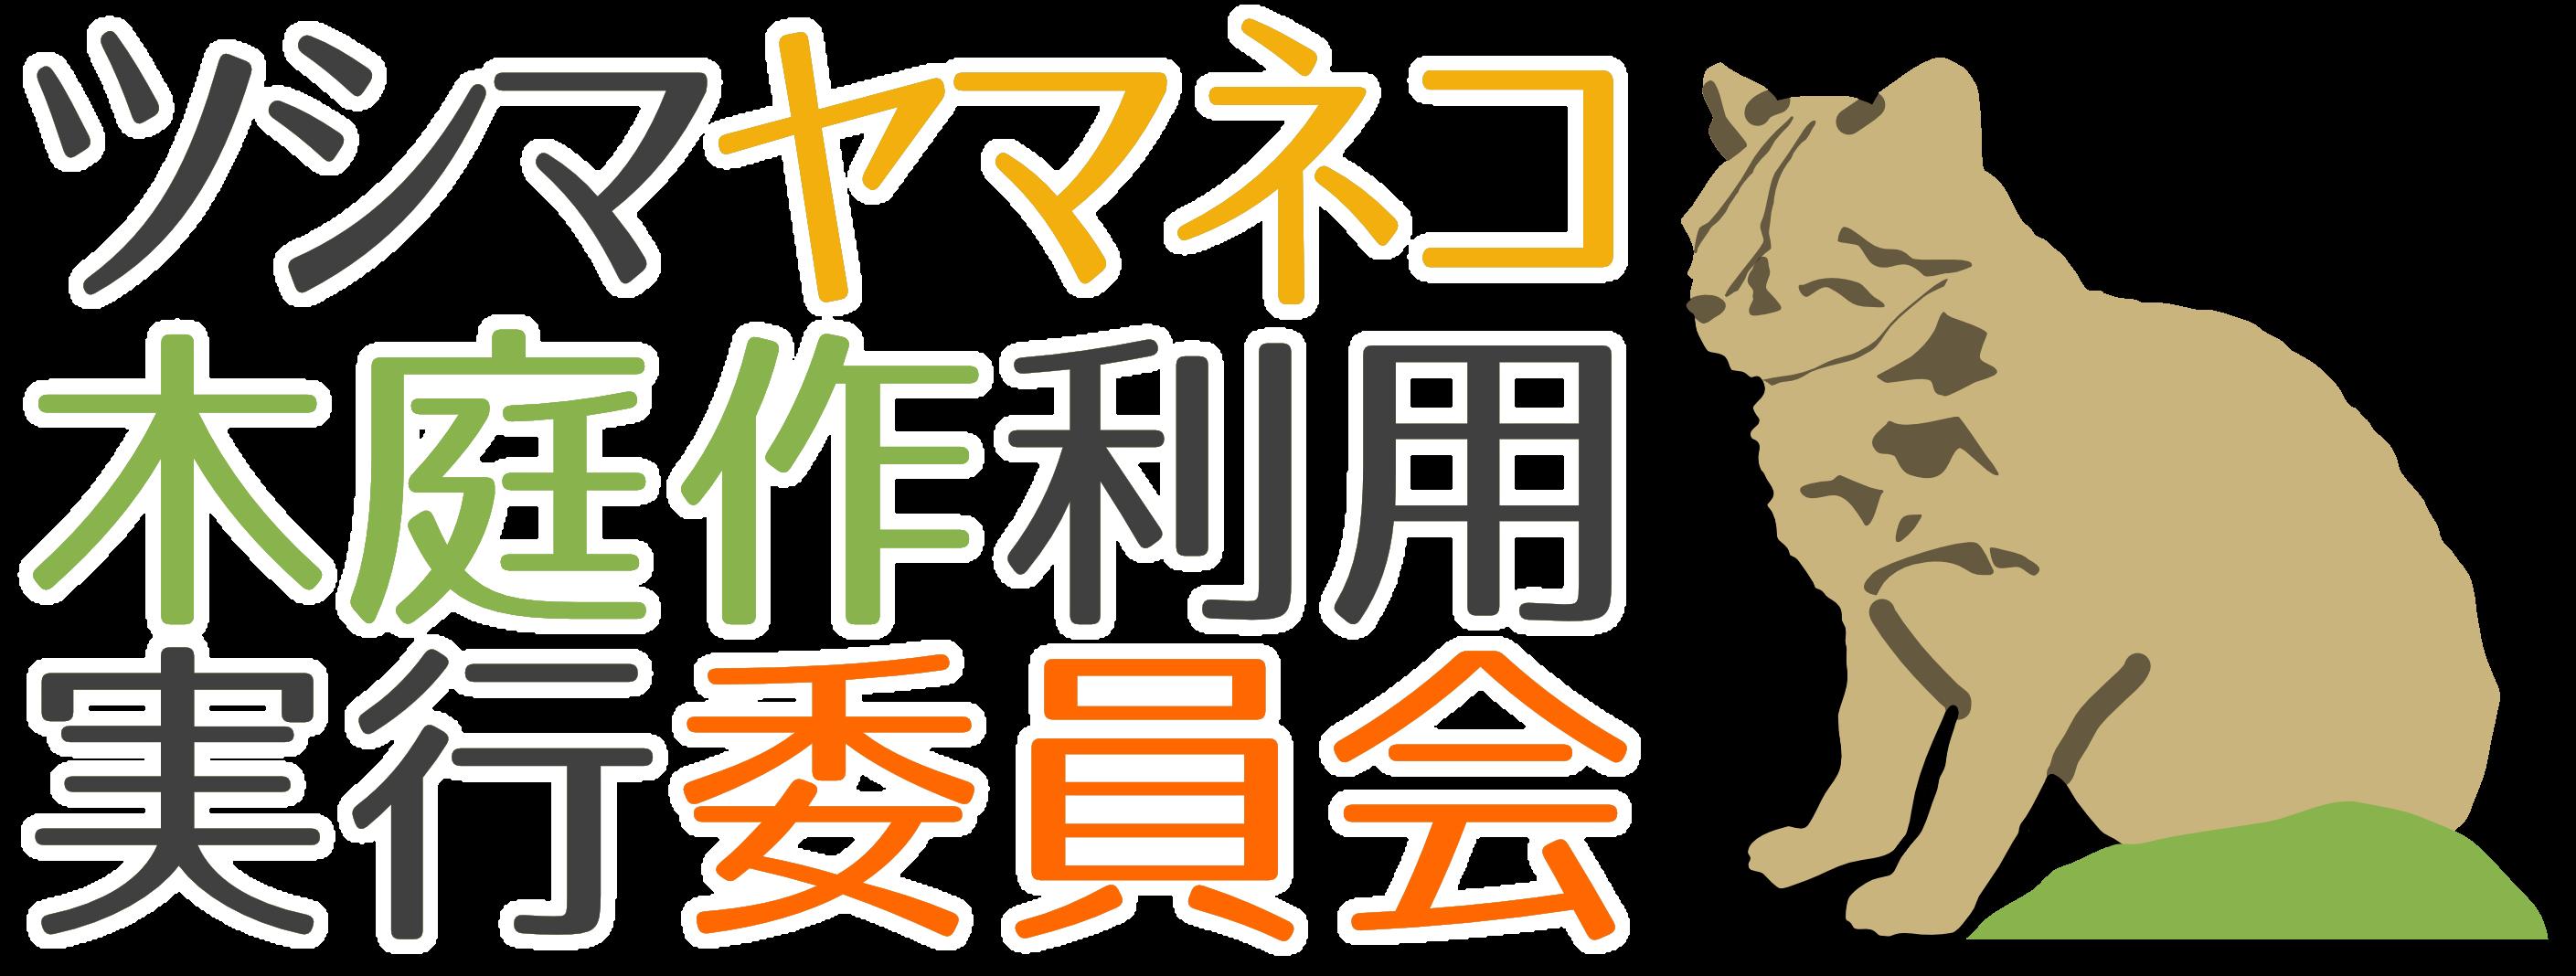 ツシマヤマネコ木庭作利用実行委員会